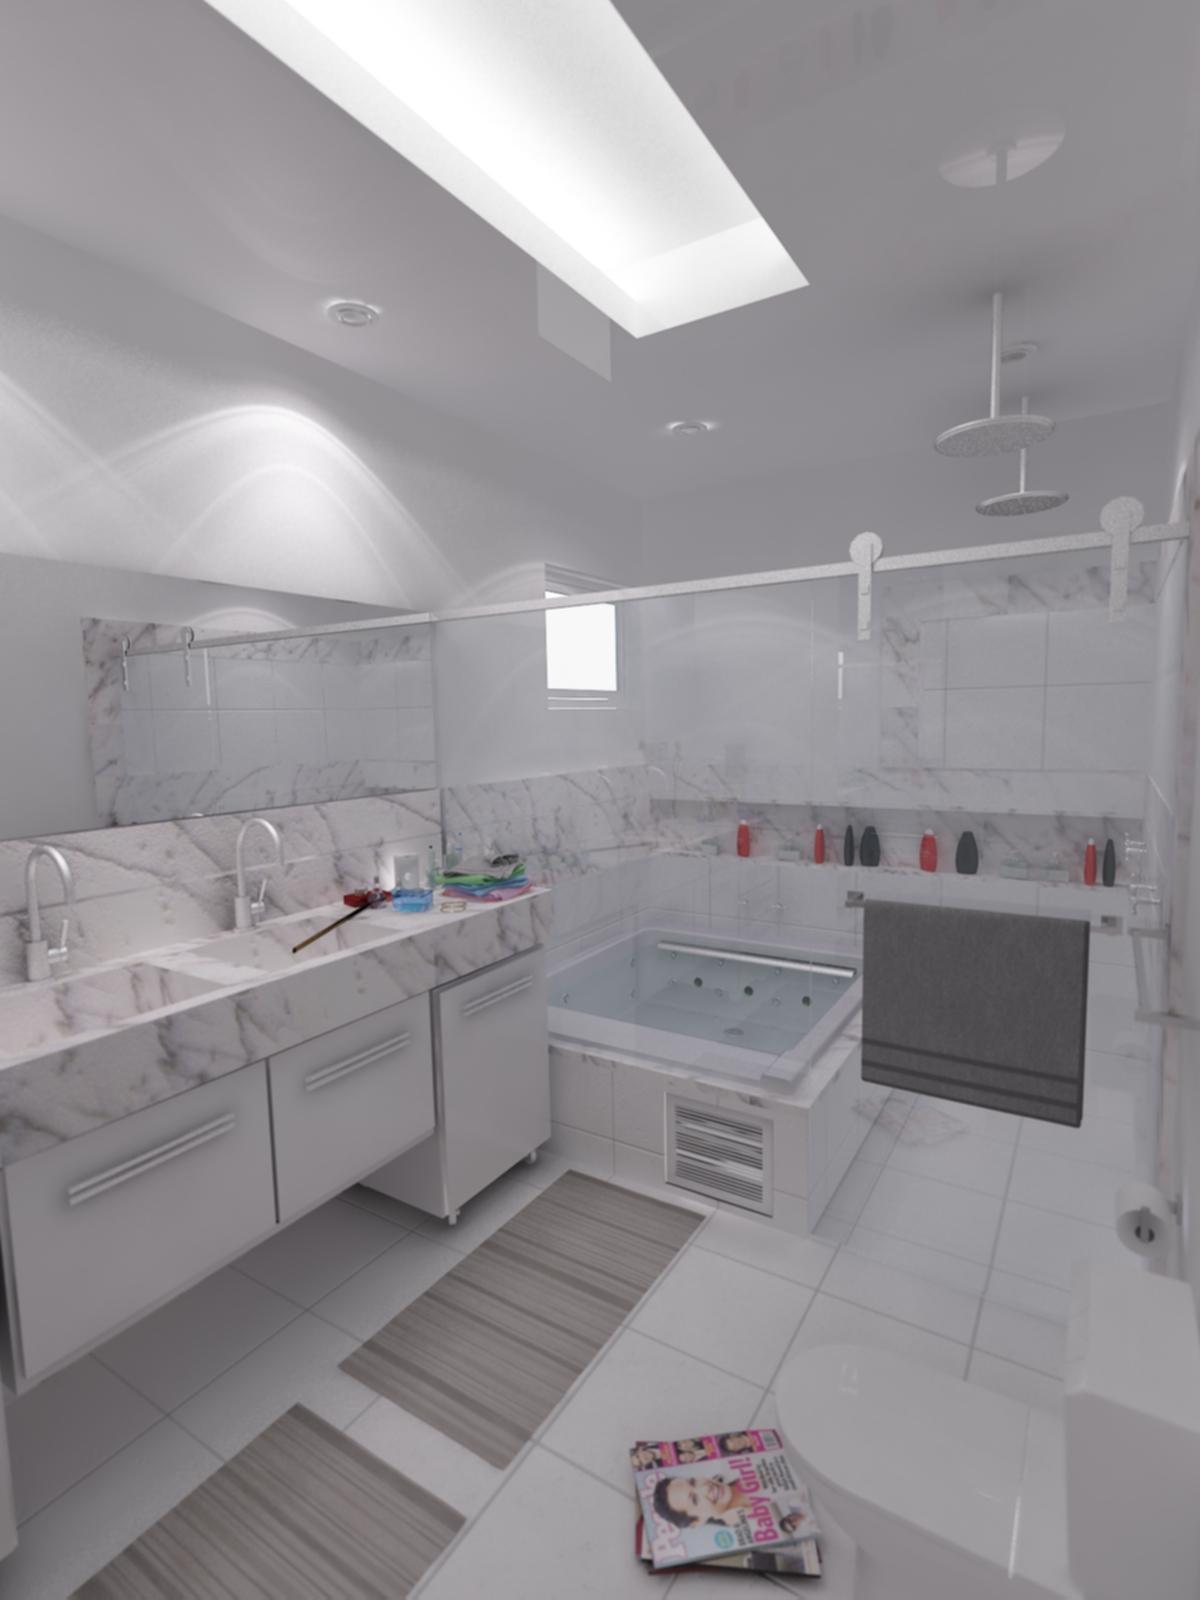 #4D6E7B Portfolio: Projetos Residenciais 1200x1600 px projeto de banheiros residenciais